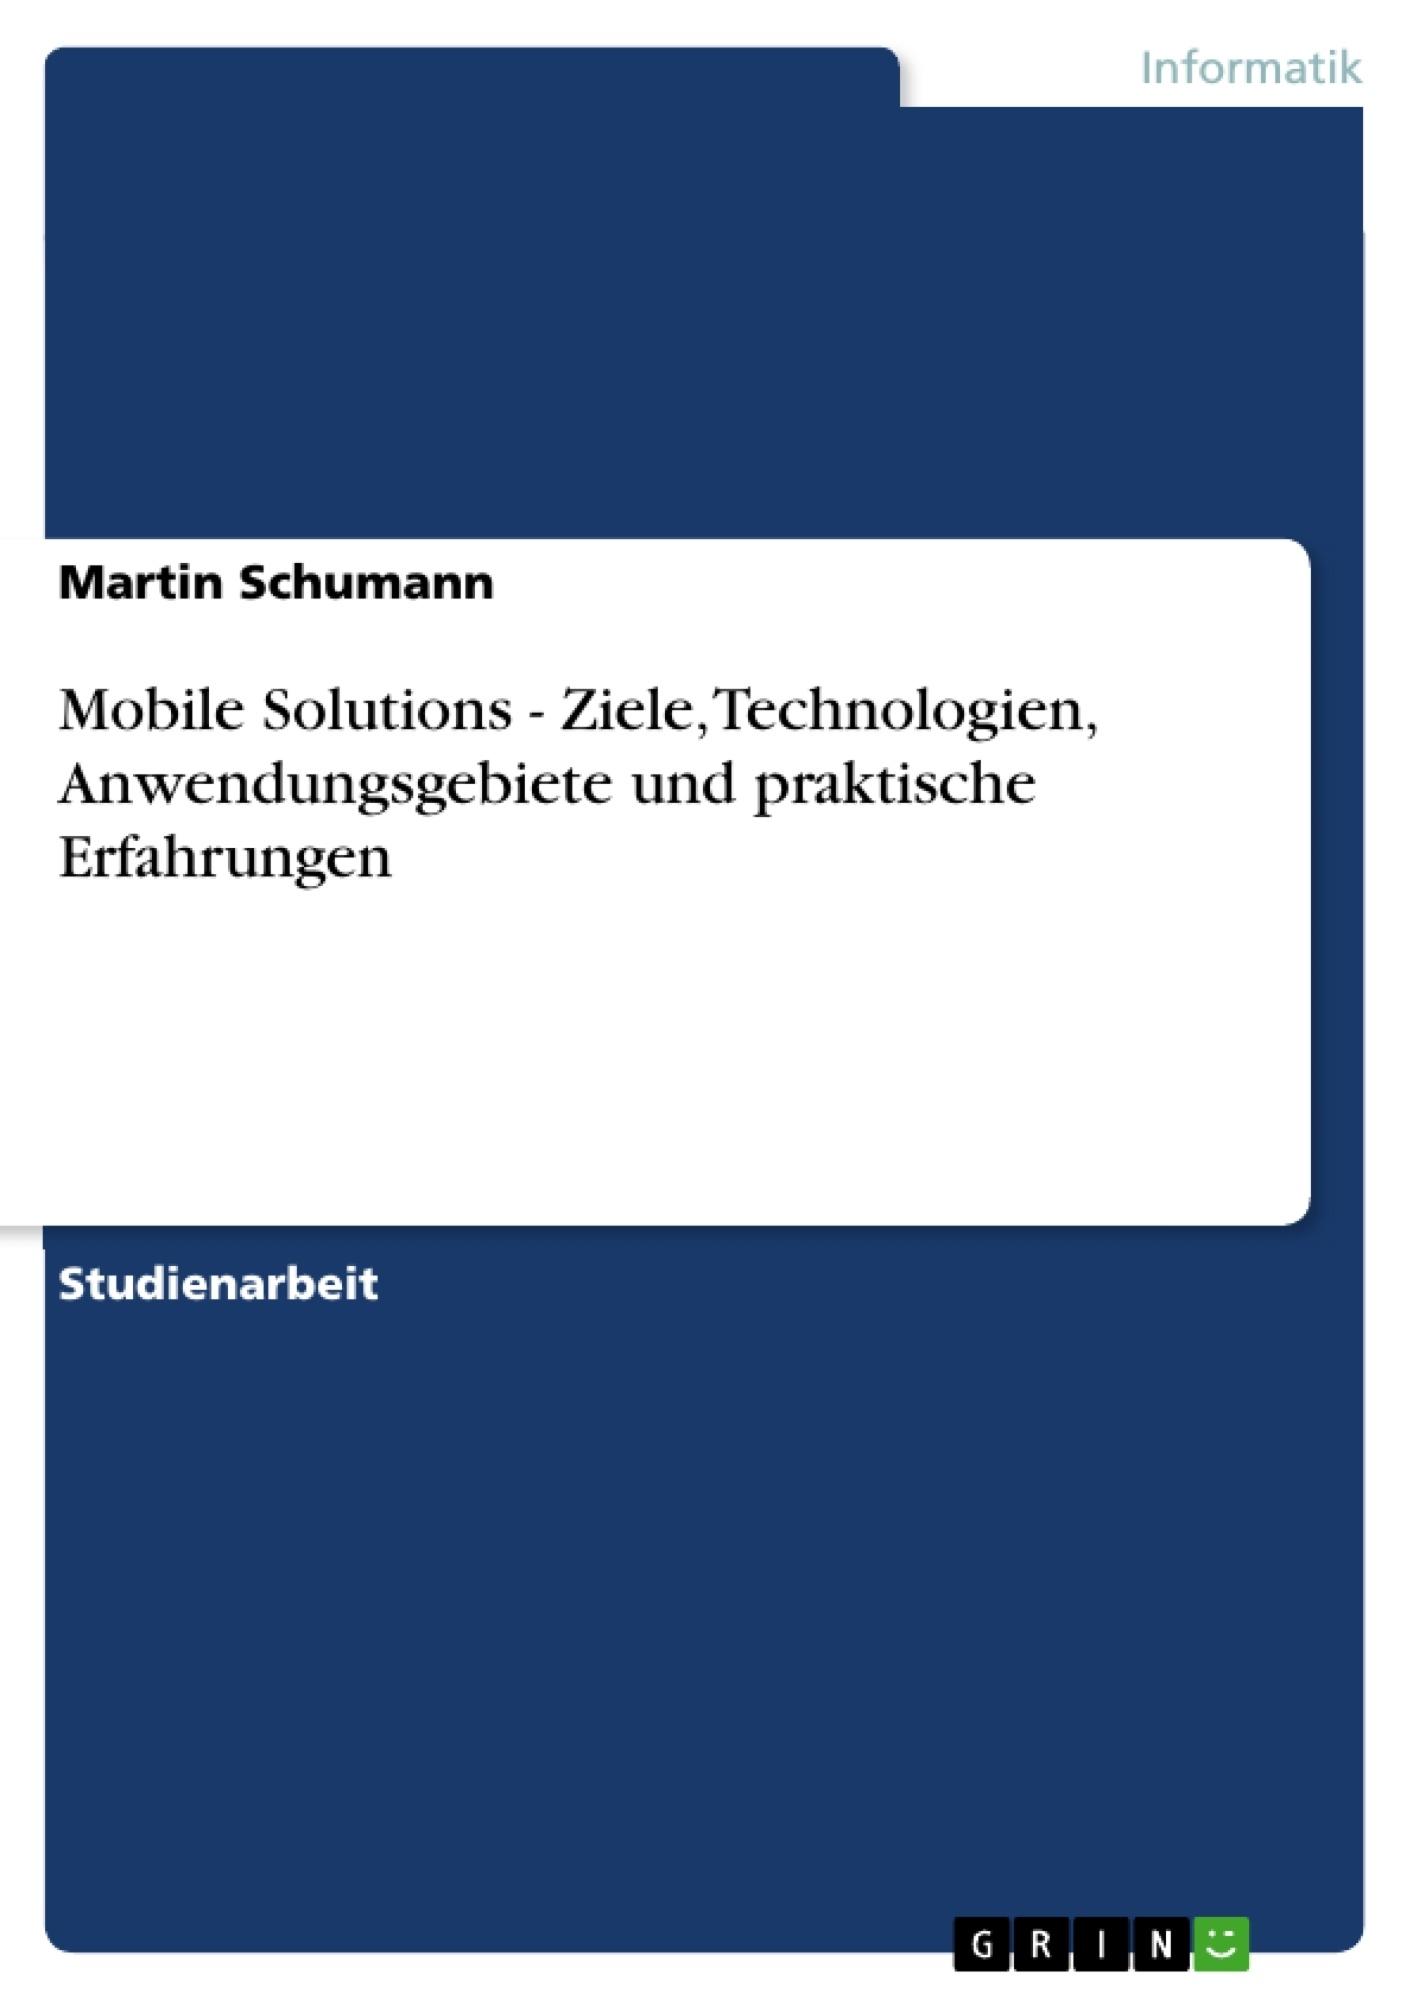 Titel: Mobile Solutions - Ziele, Technologien, Anwendungsgebiete und praktische Erfahrungen